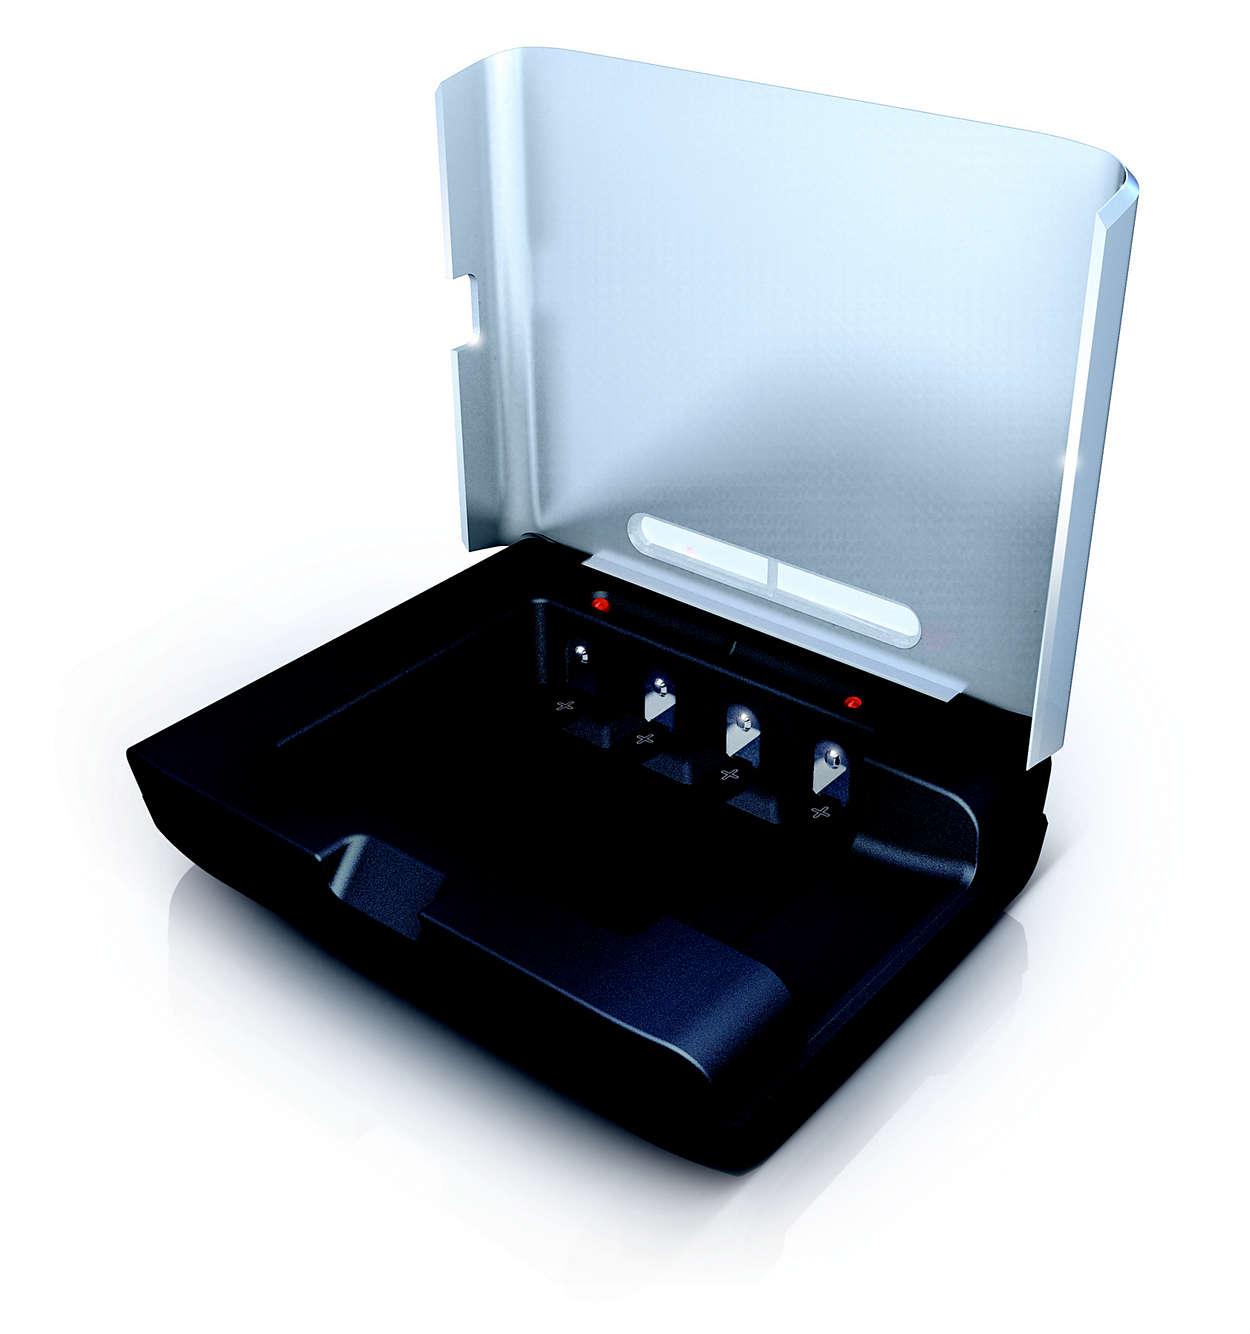 Perfekte Lösung für Dienstreisen